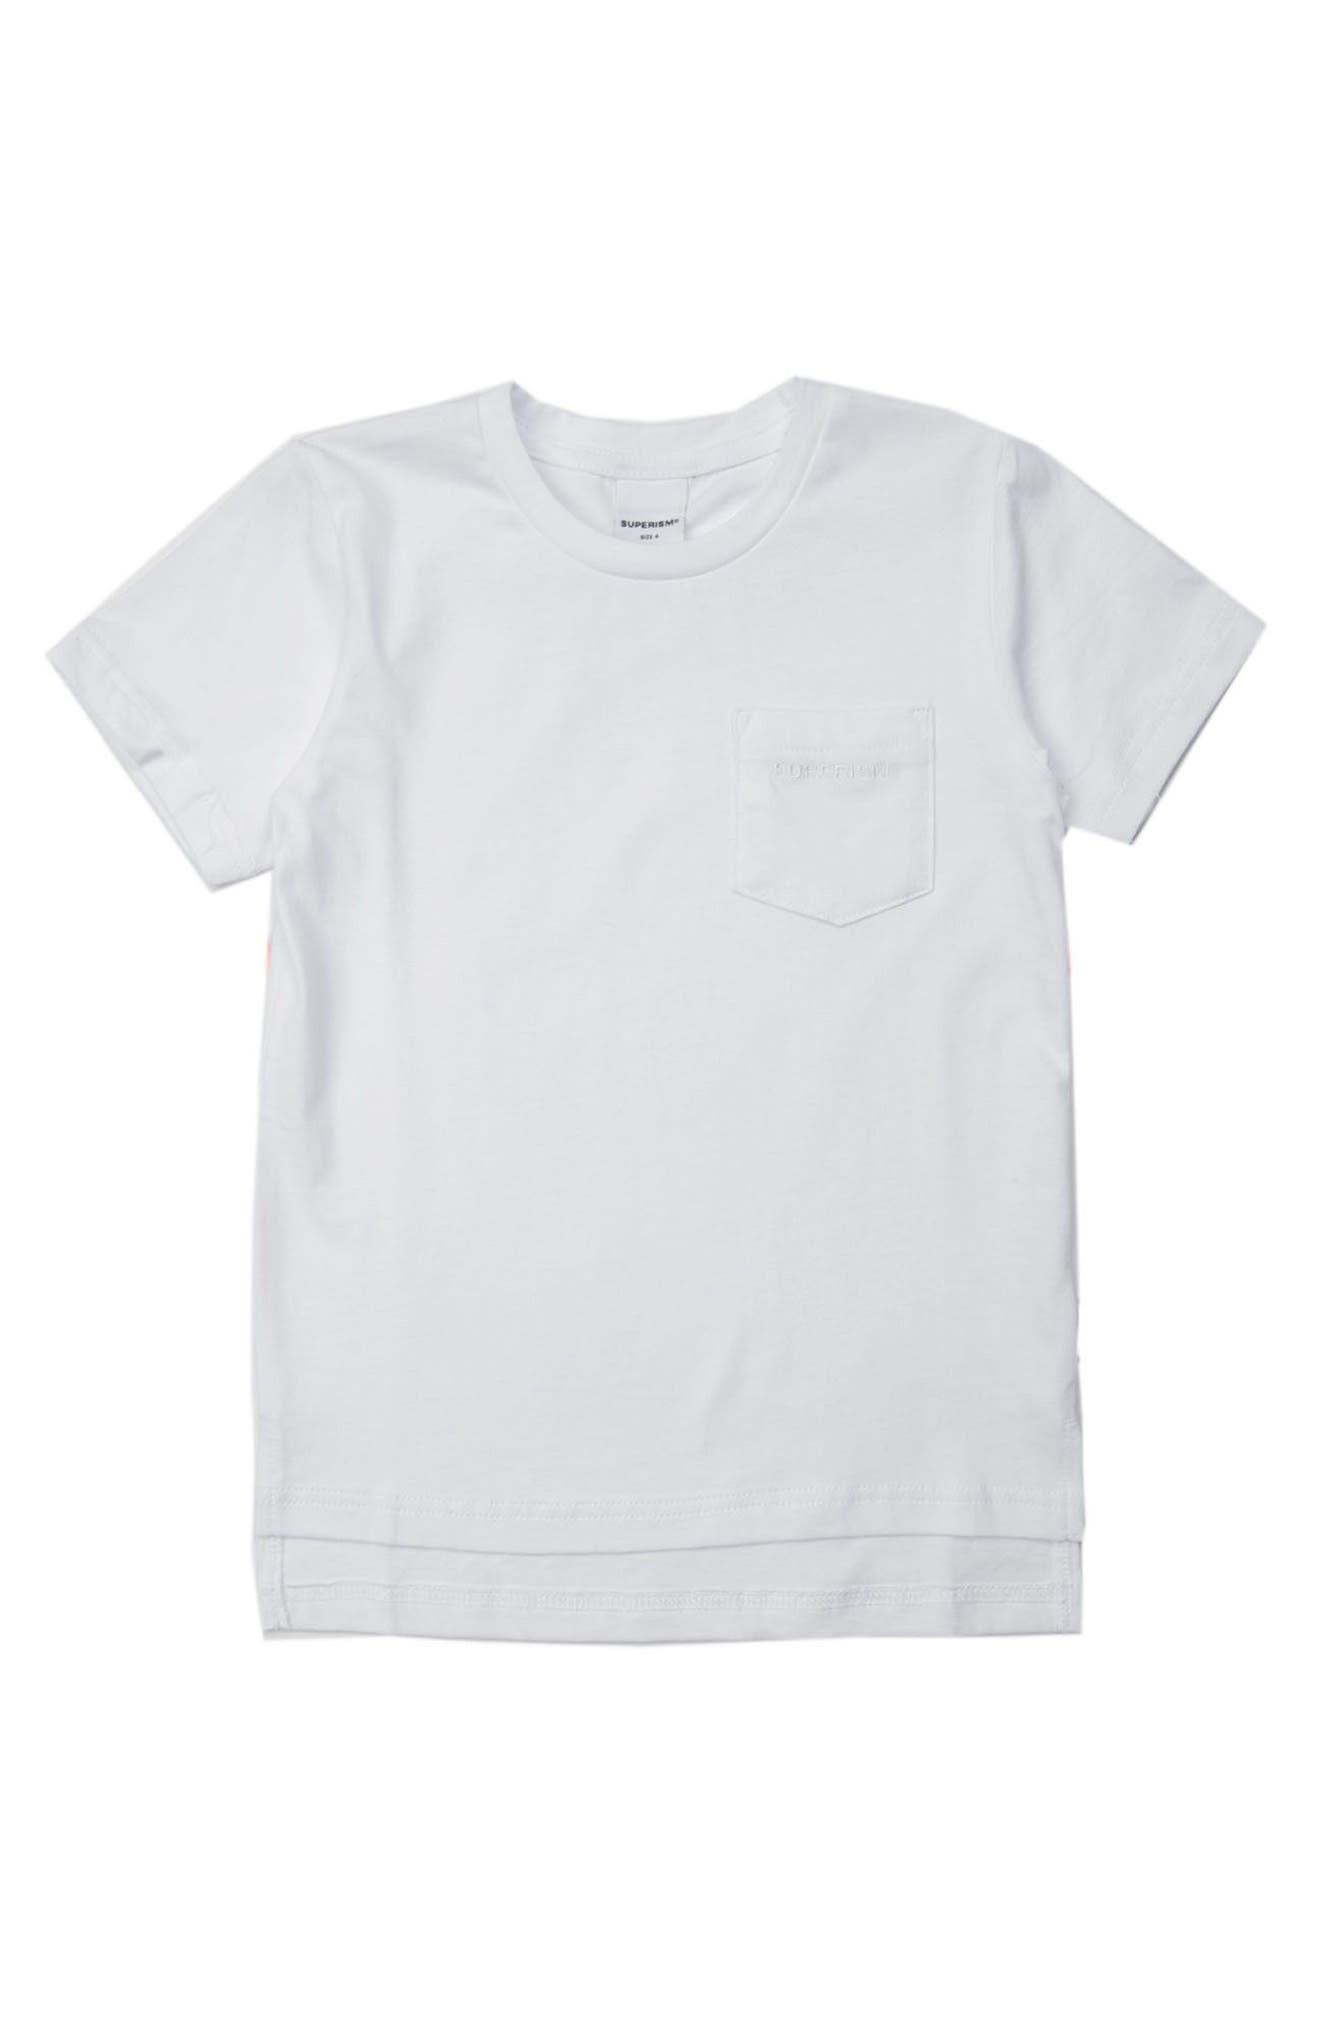 Superism Brycen T-Shirt (Big Boys)